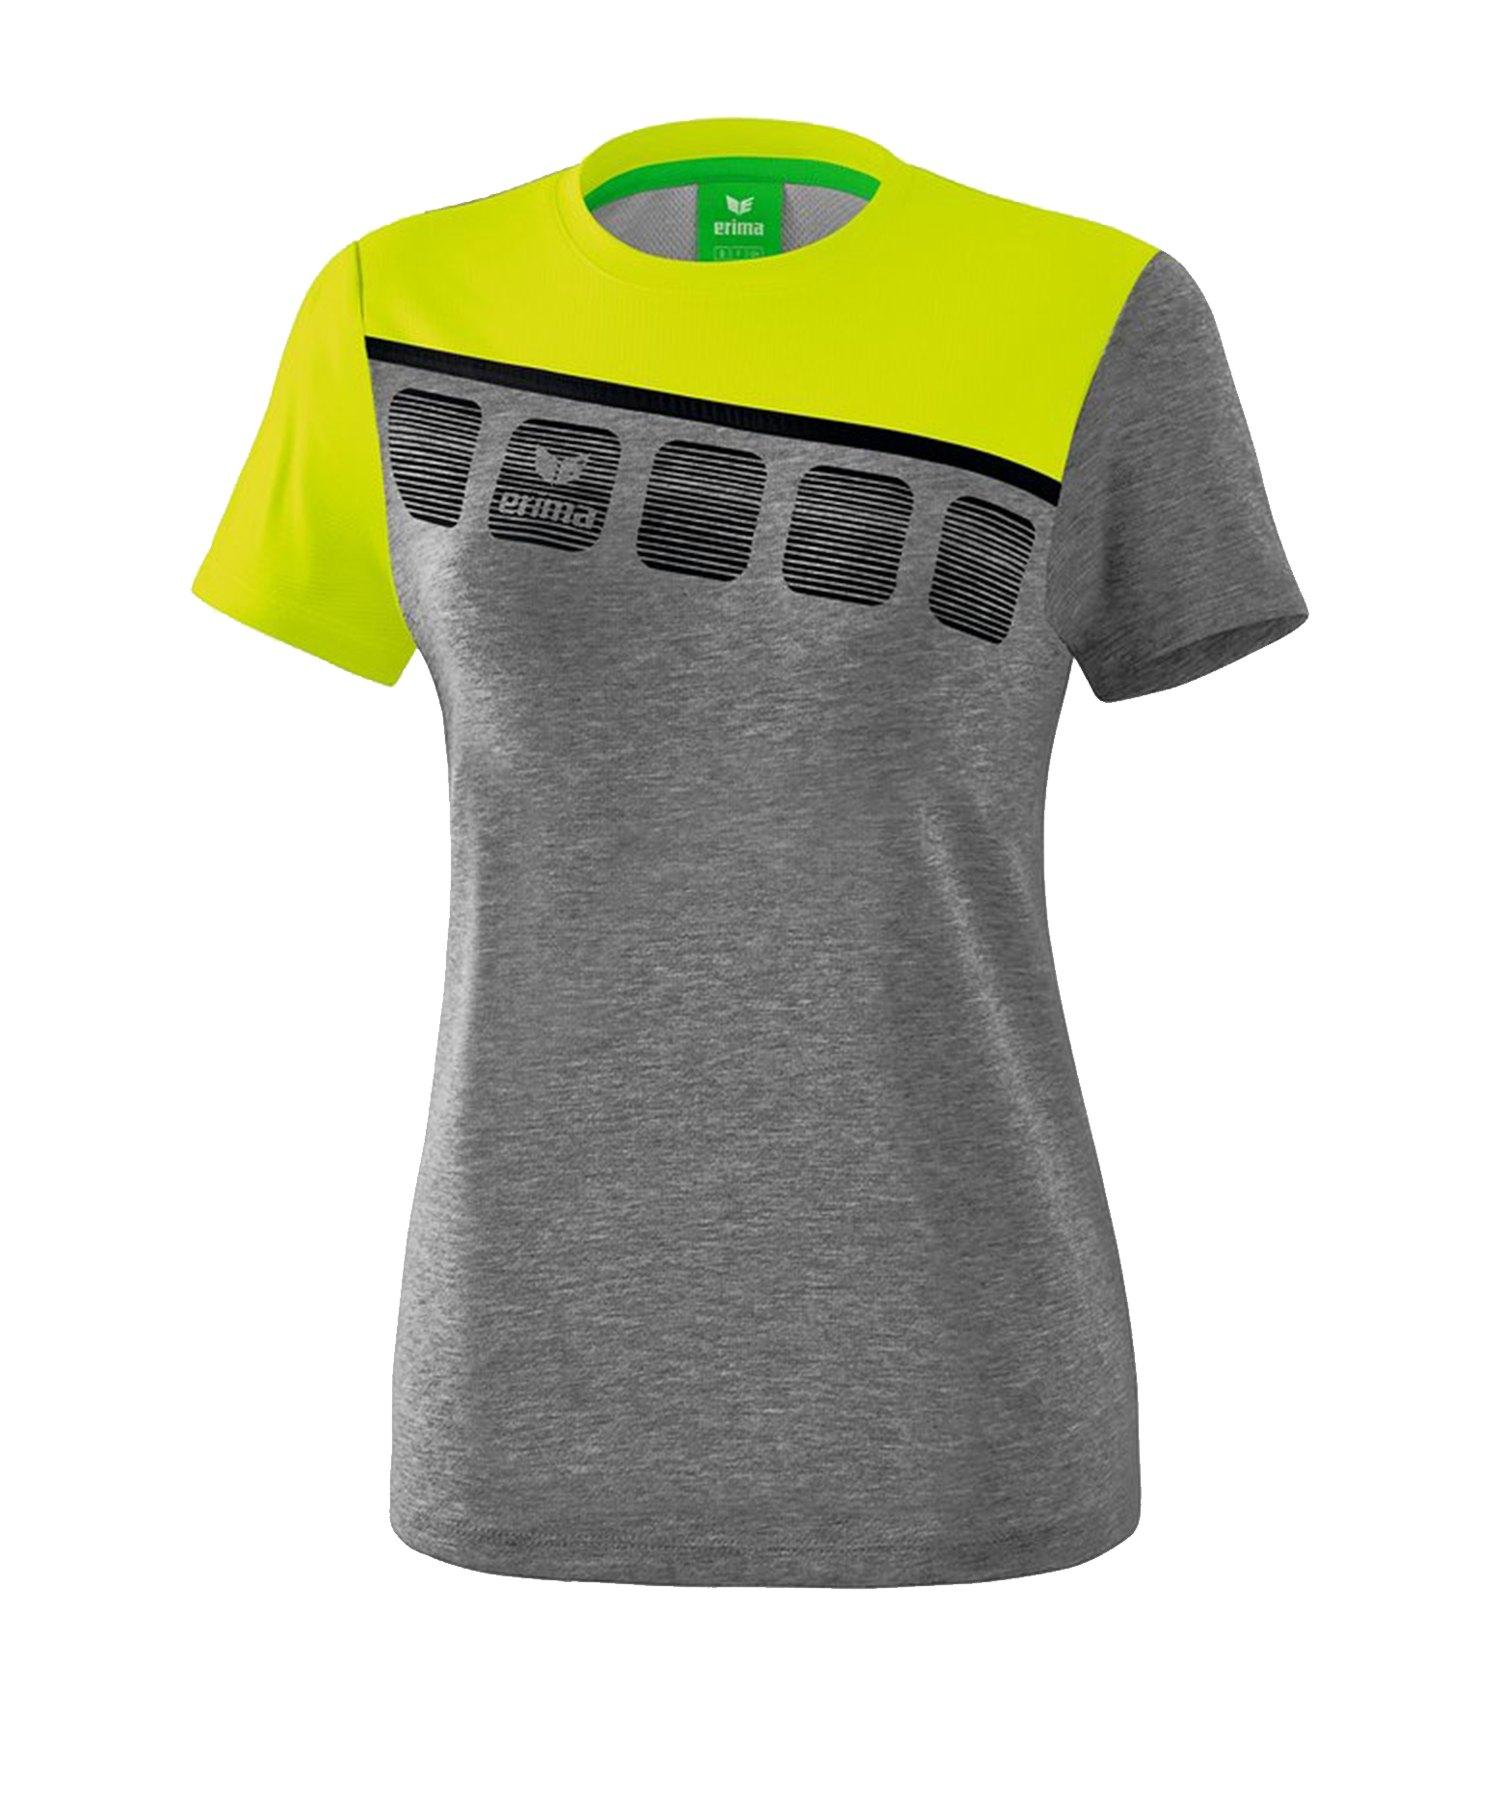 Erima 5-C T-Shirt Damen Grau Grün - Grau